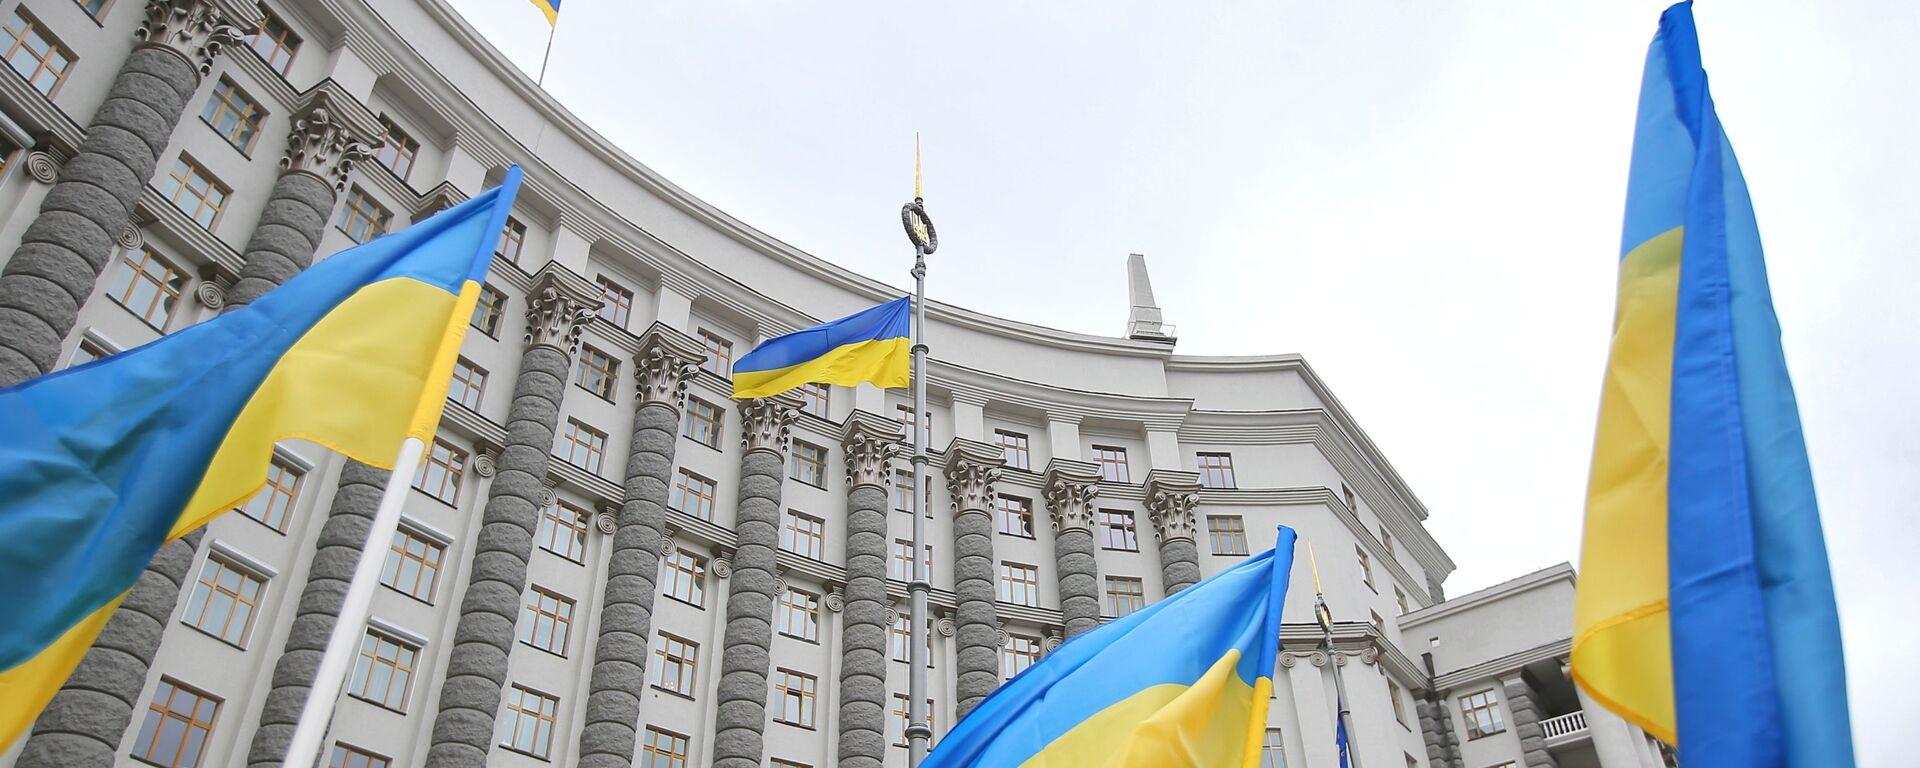 Здание правительства Украины в Киеве. - Sputnik Таджикистан, 1920, 29.12.2020